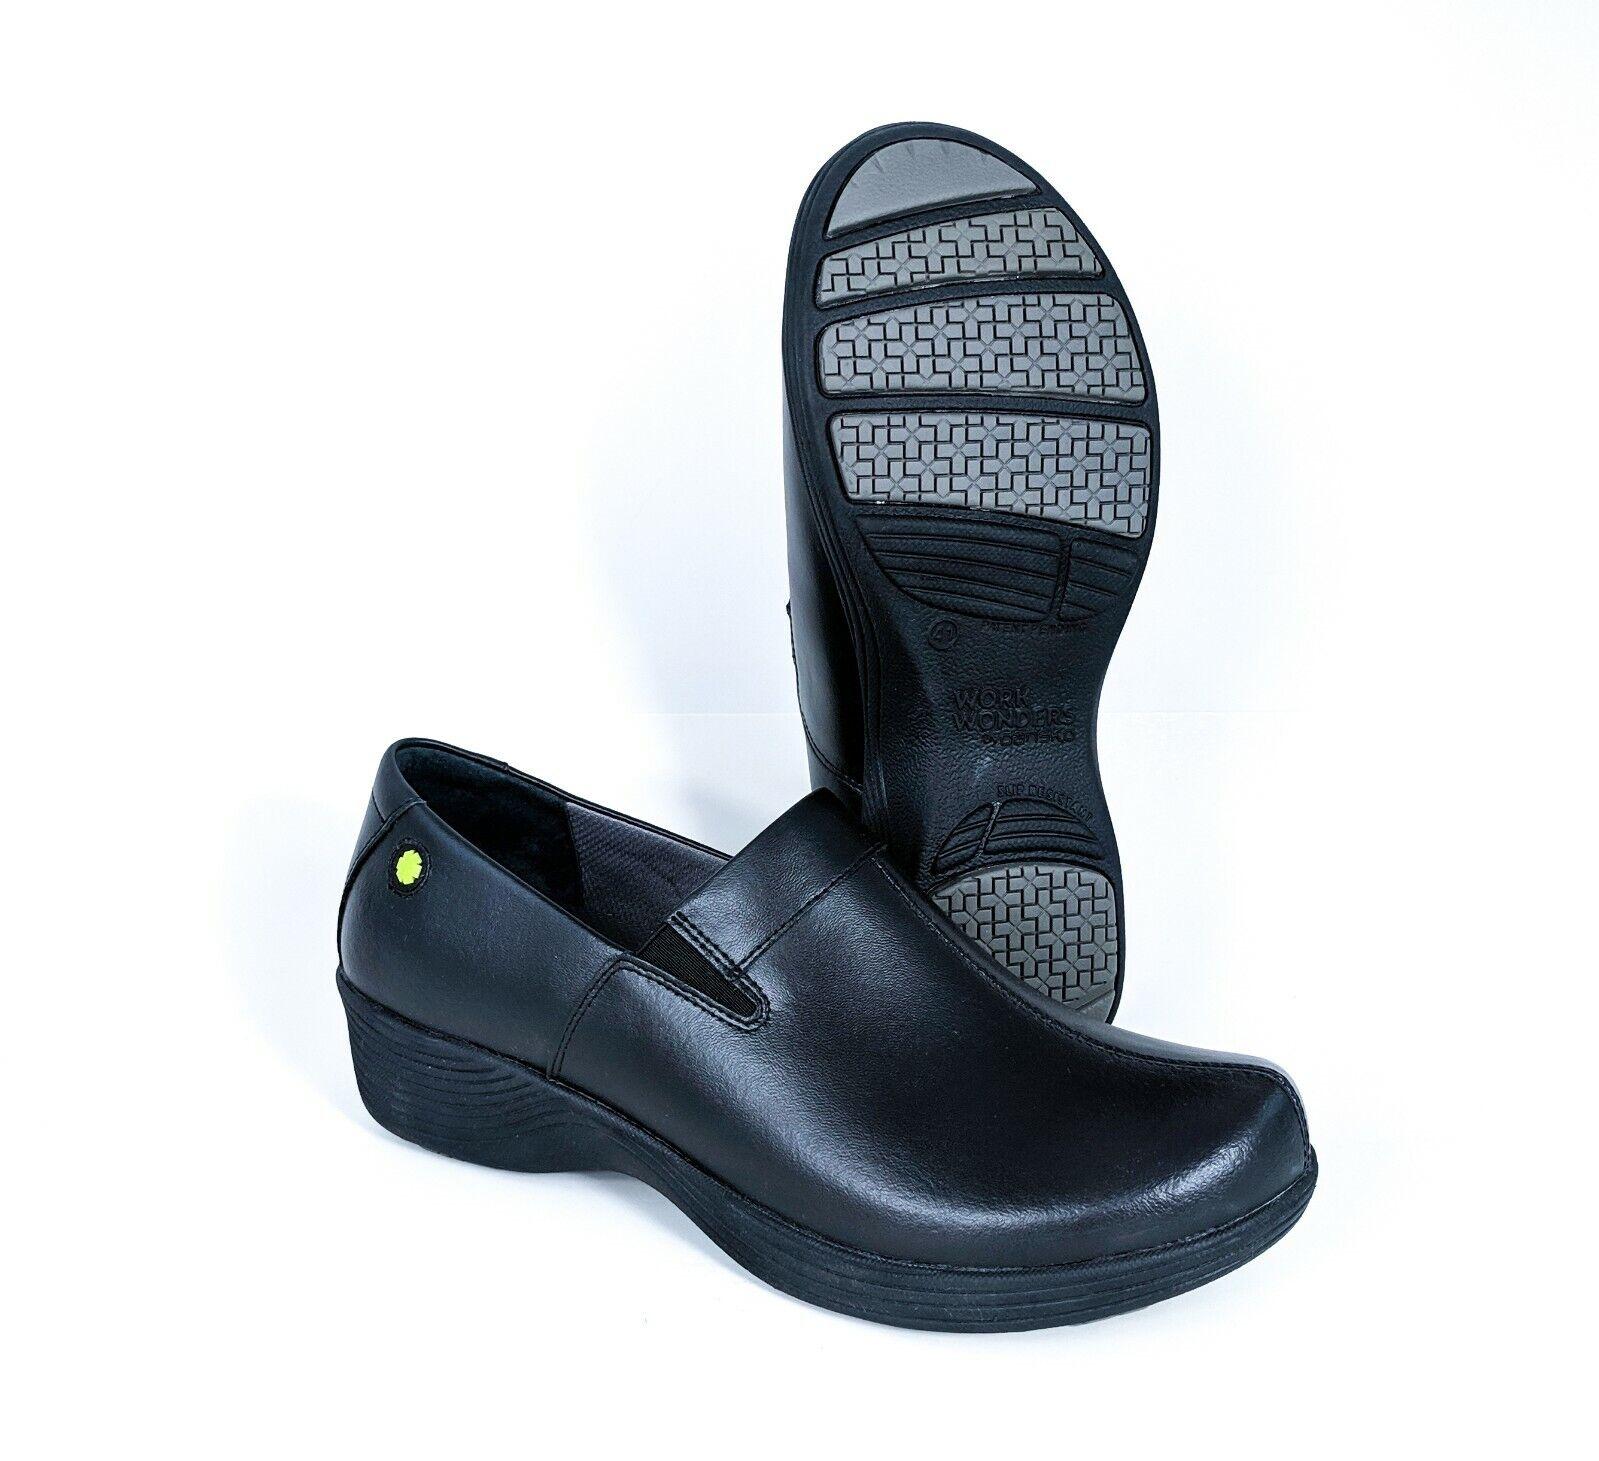 Dansko Work Wonders  Coral Leather nero Slip -On donna Sz 10 EUR 41 SHIP  servizio onesto